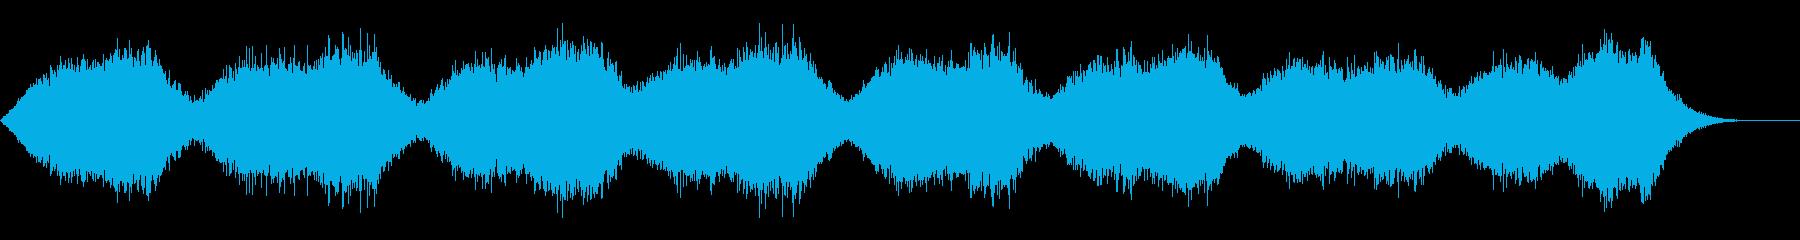 サスペンスなどの背景音にの再生済みの波形